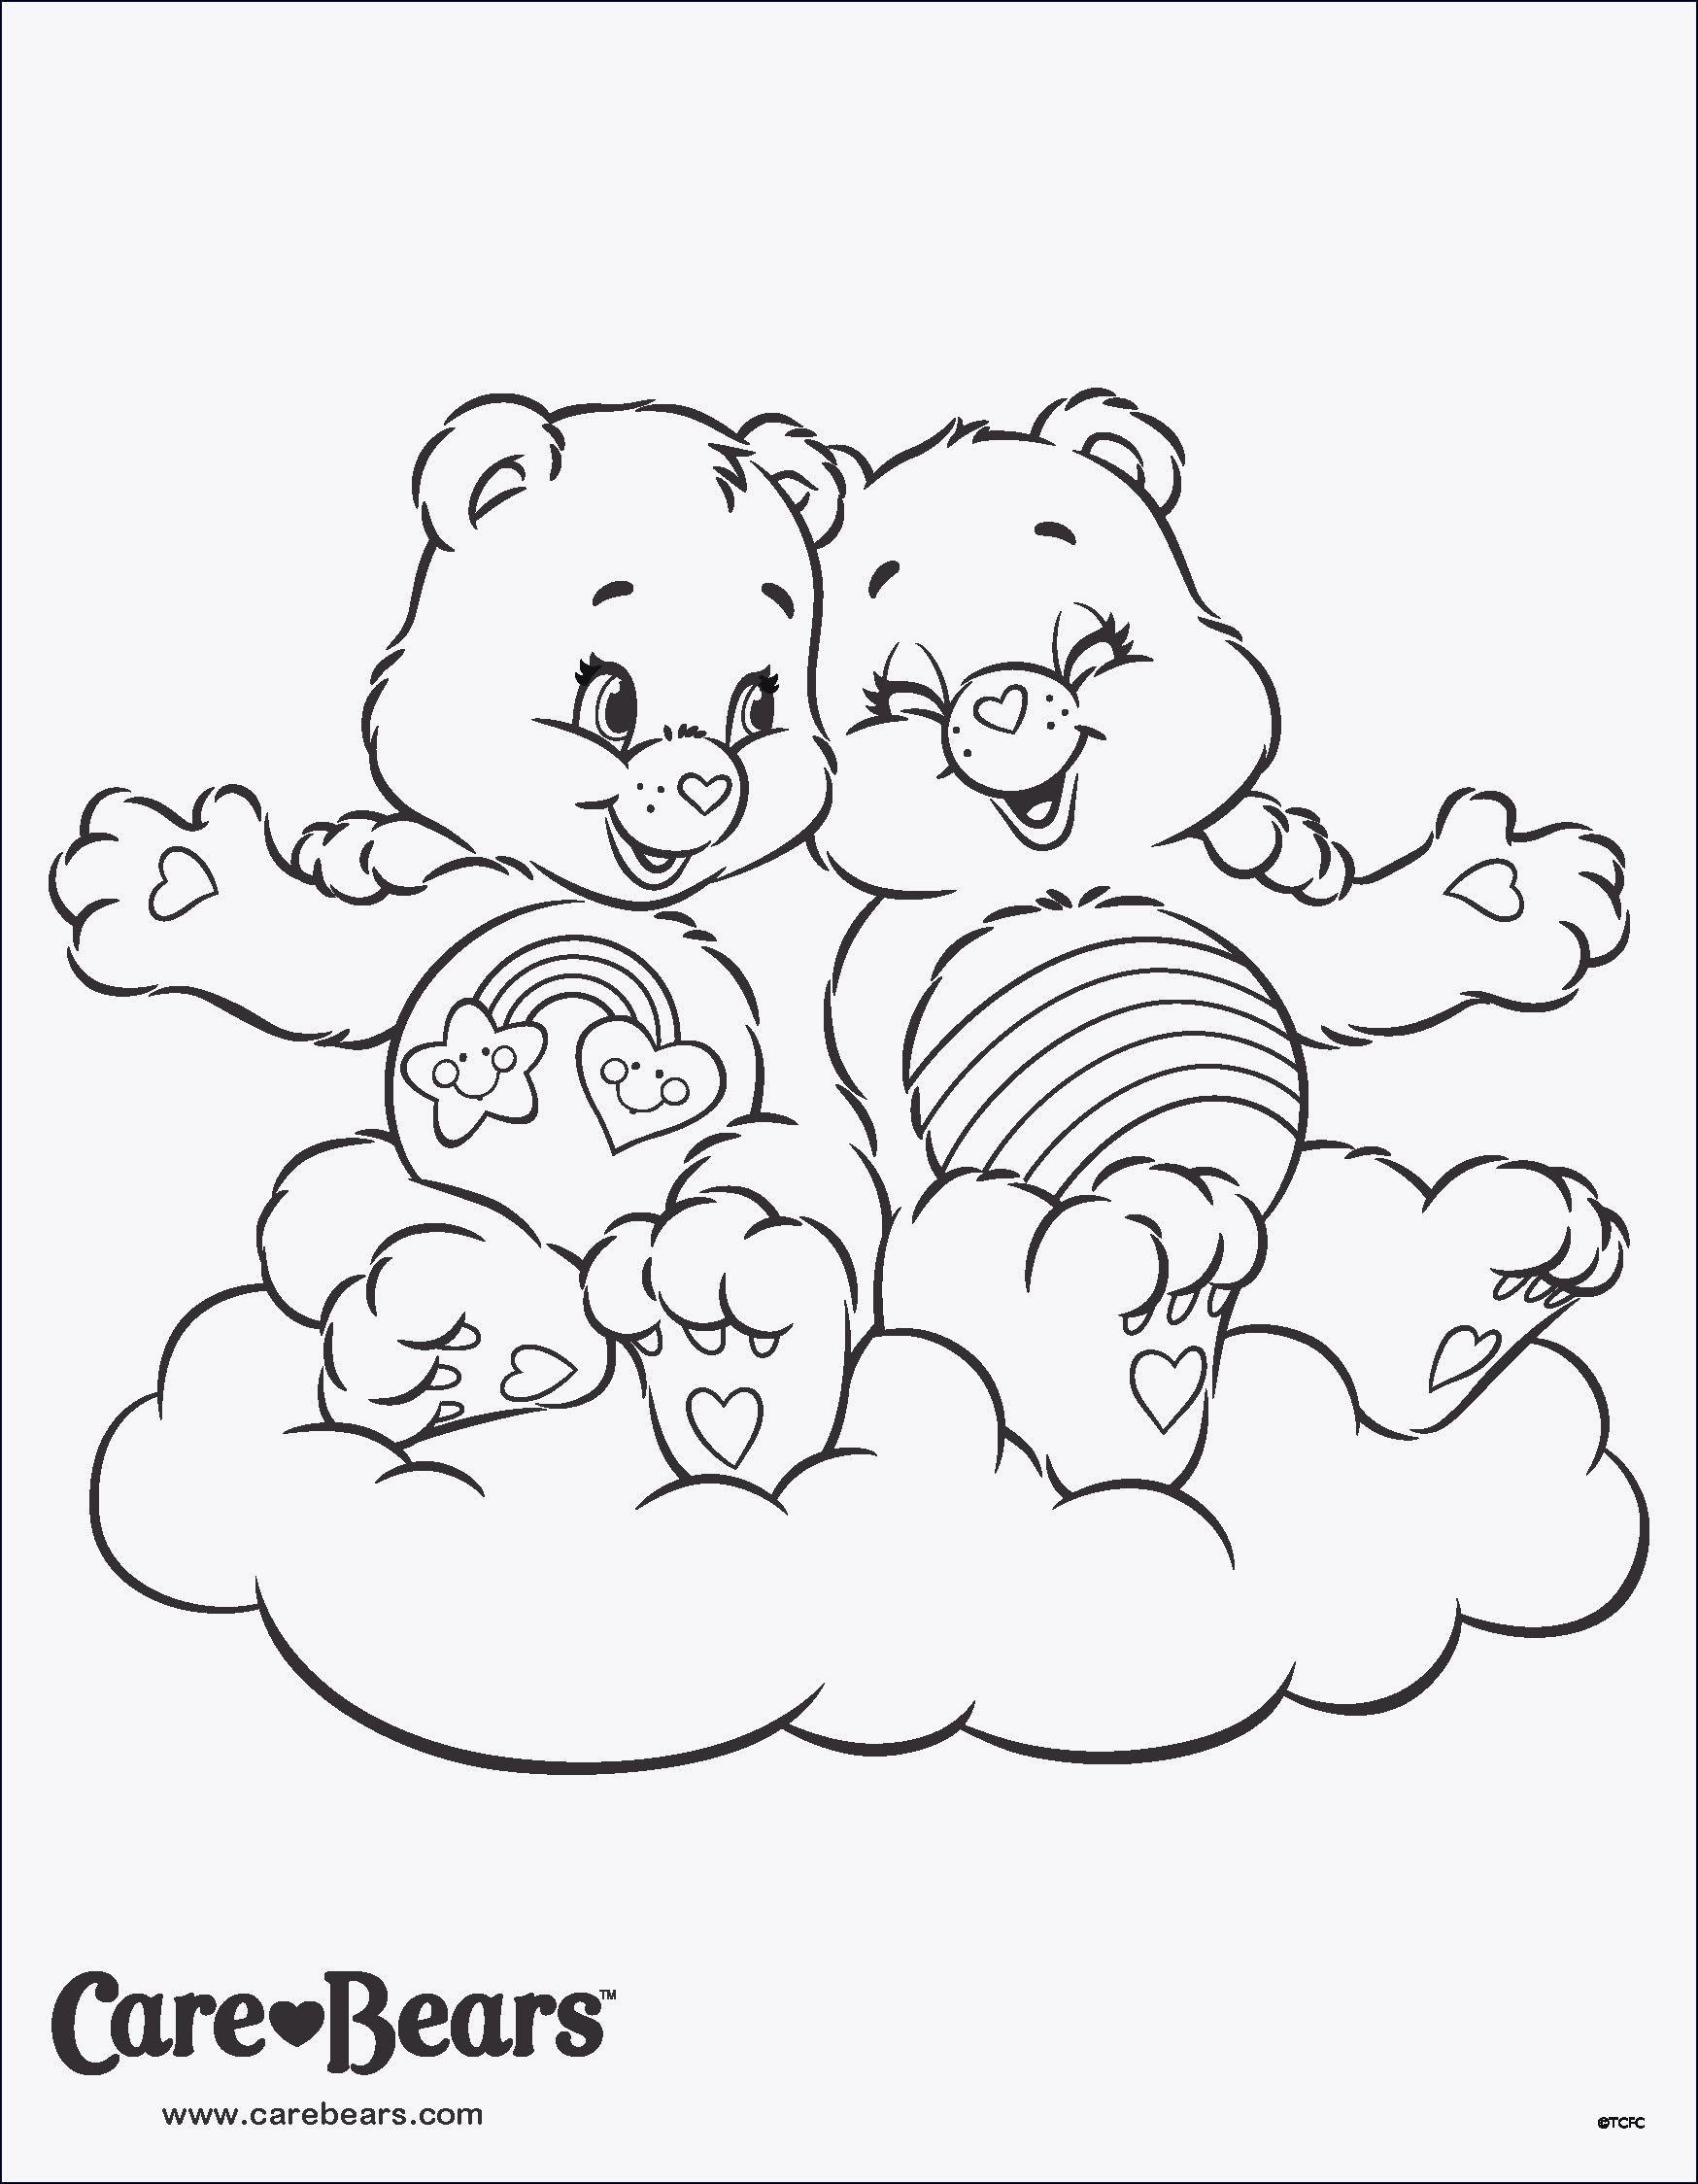 Frisch Ausmalbild Junge Und Mädchen In 2020 | Bear Coloring mit Ausmalbild Mädchen